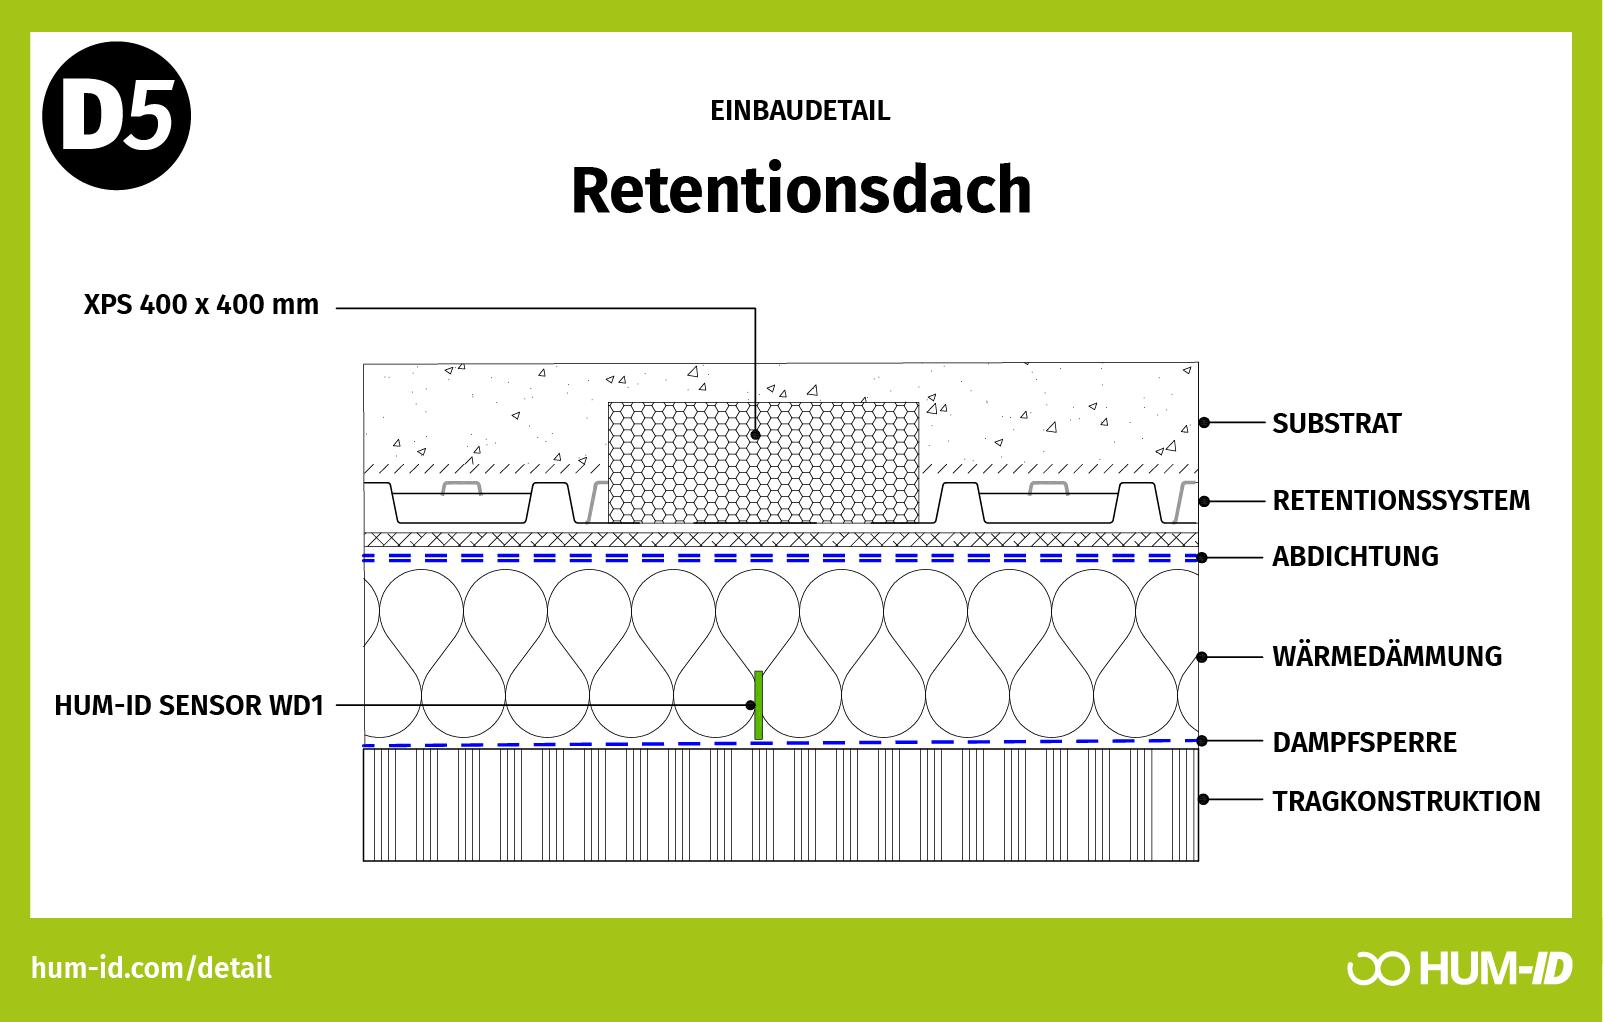 Sensoren für Retentionsdach